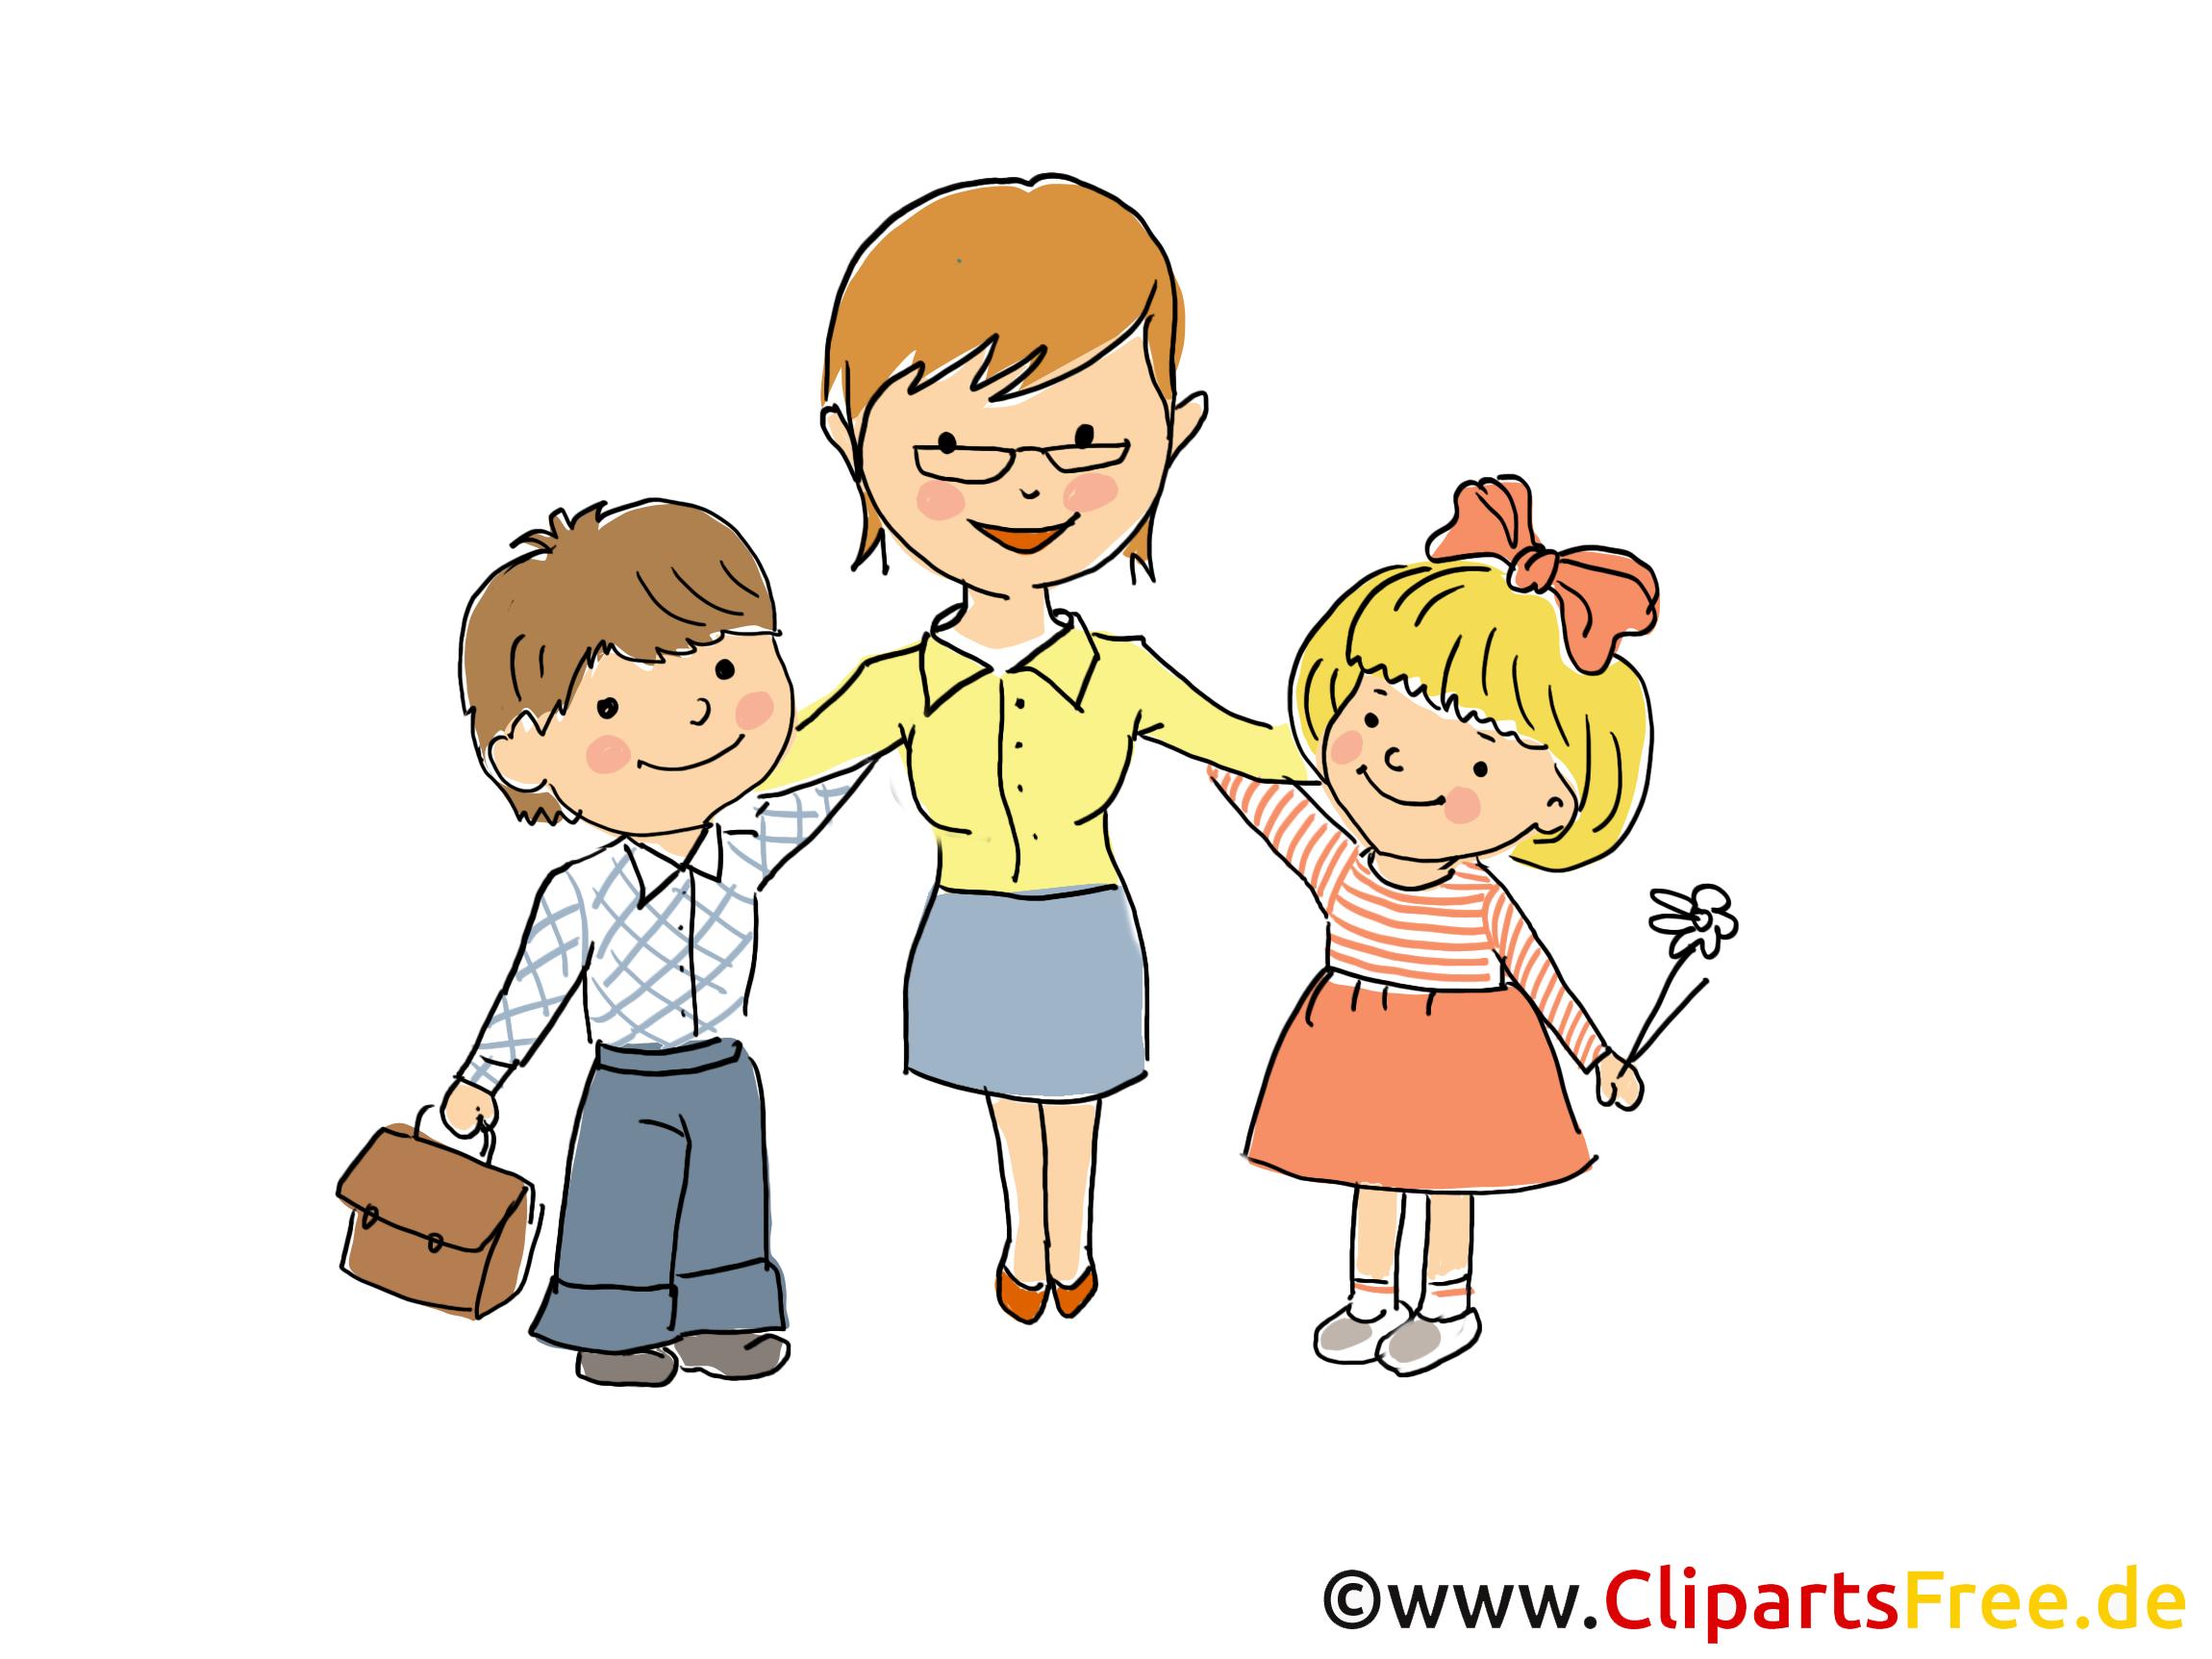 Erzieherin mit Kindern in KiG